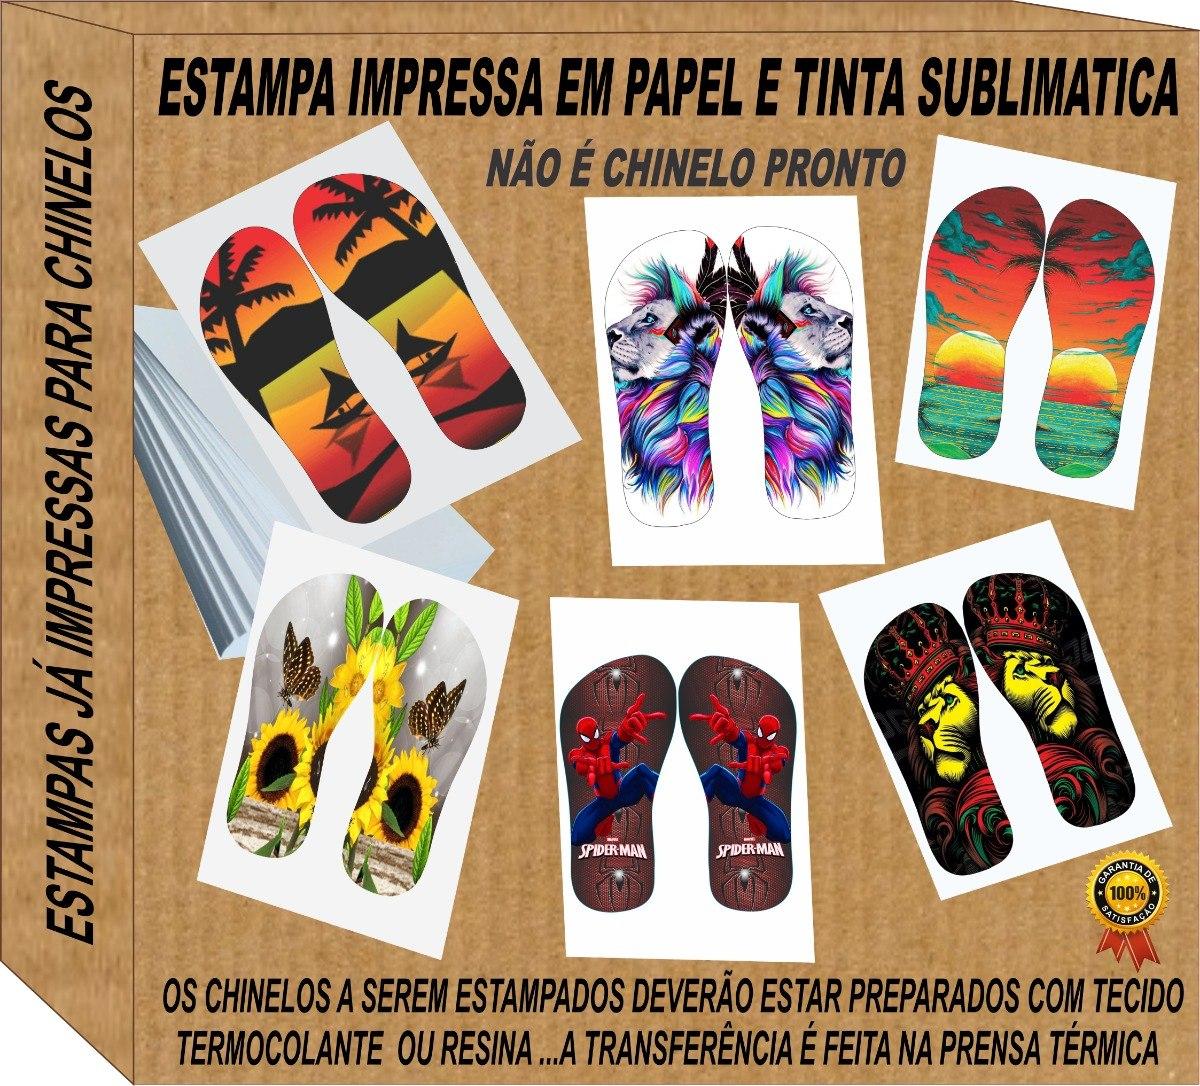 8444a29f3 200 Estampas Sublimatica Impressa P/ Chinelos - R$ 176,00 em Mercado ...